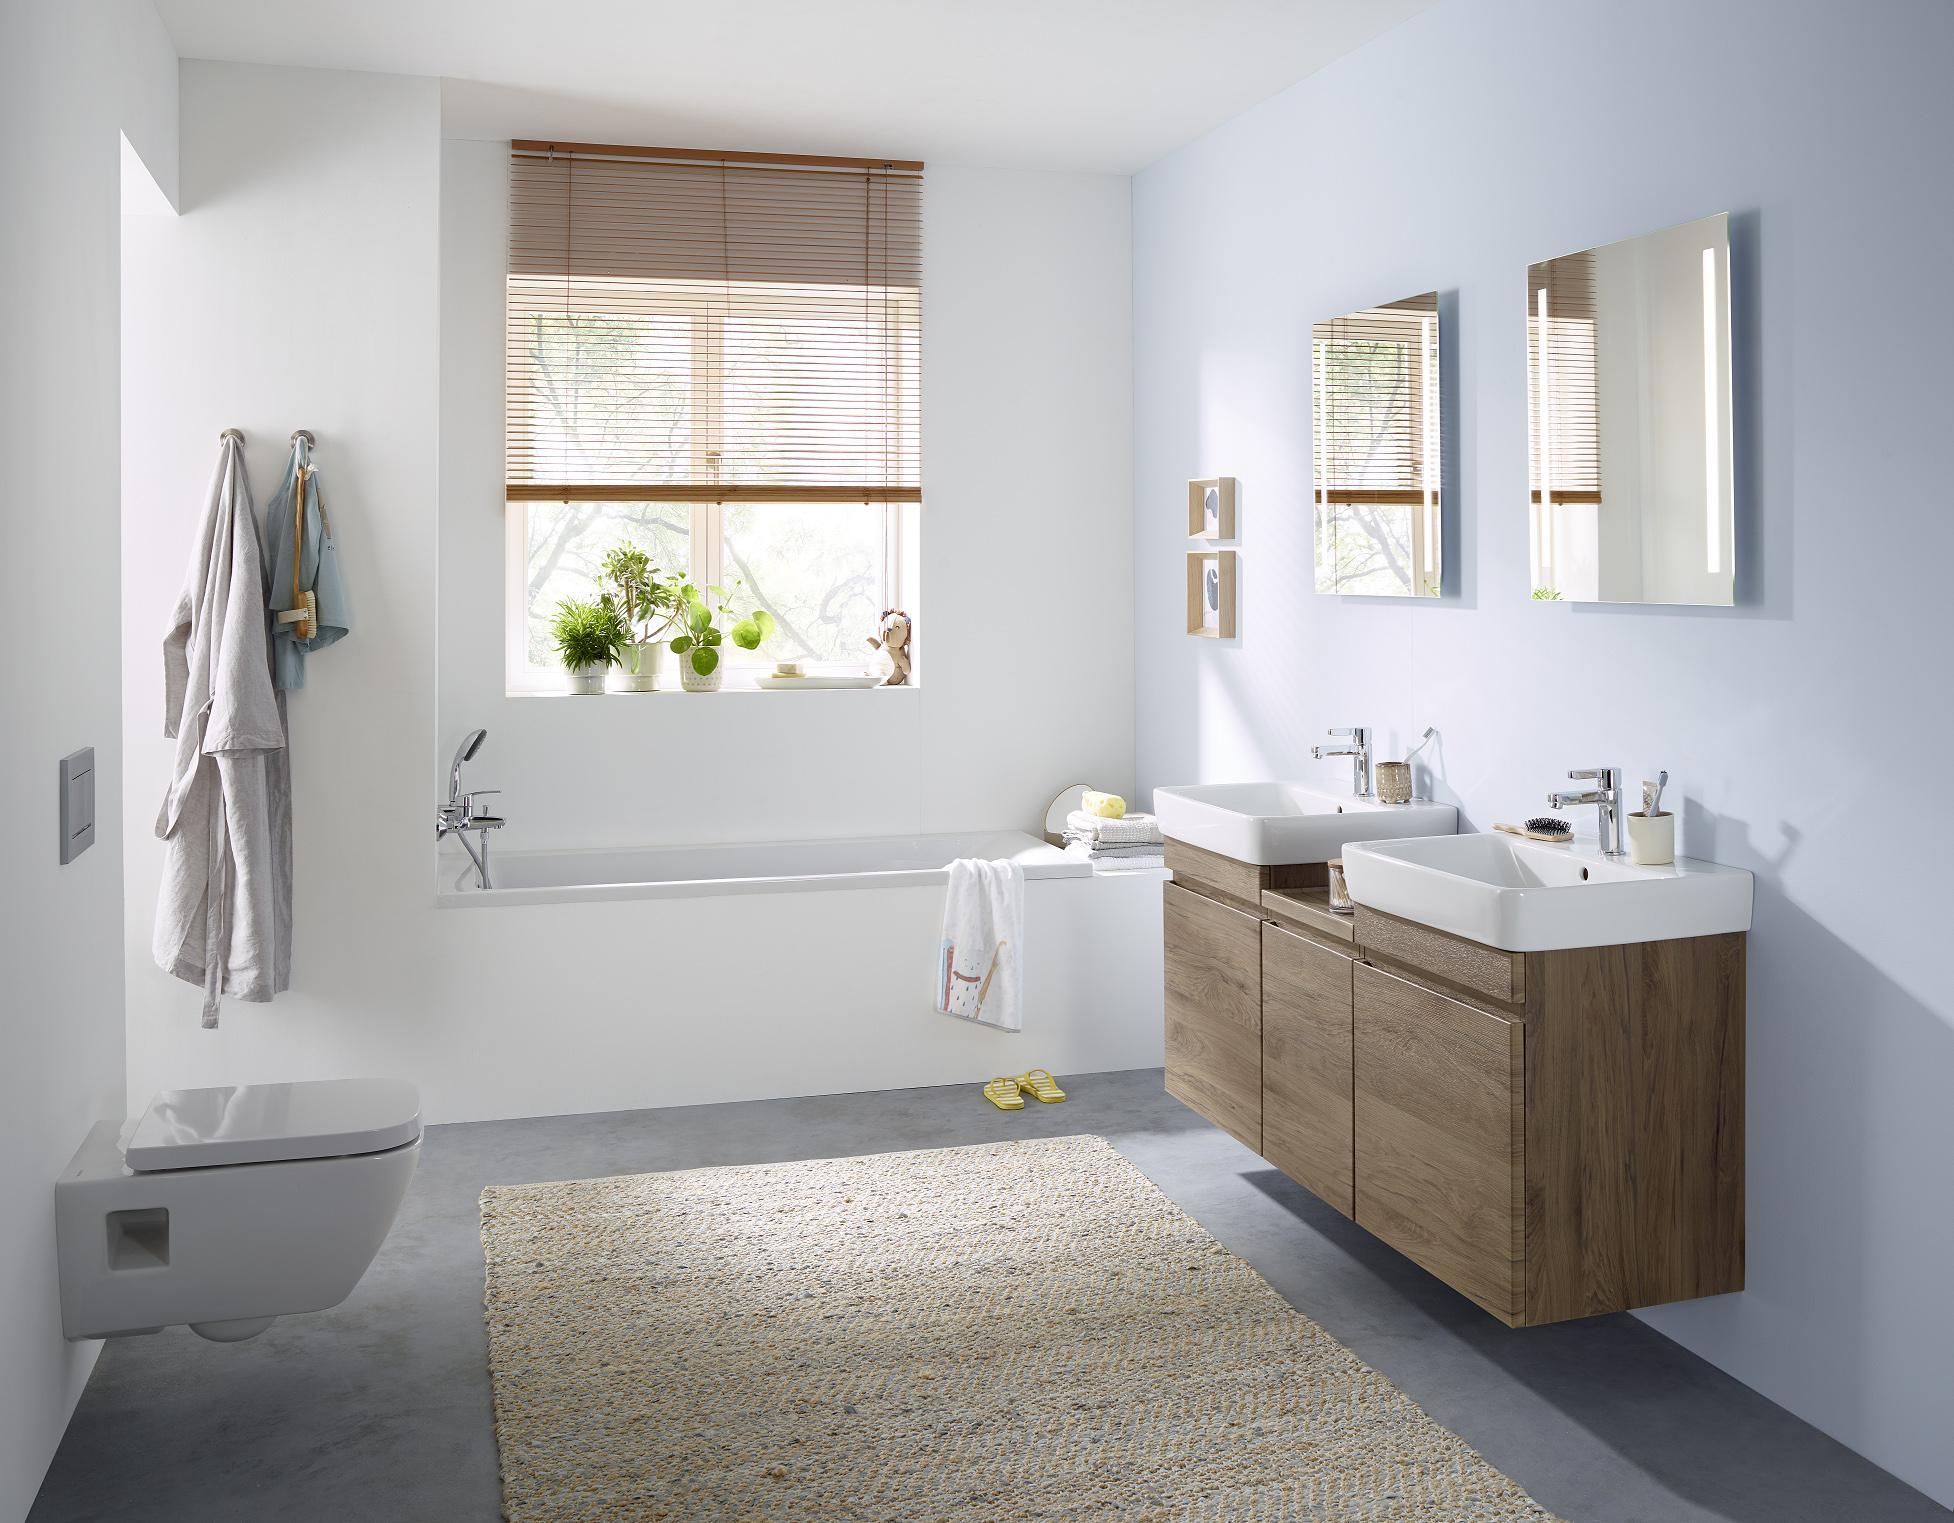 Foto: Vereinigung Deutsche Sanitärwirtschaft (VDS) / ©Geberit